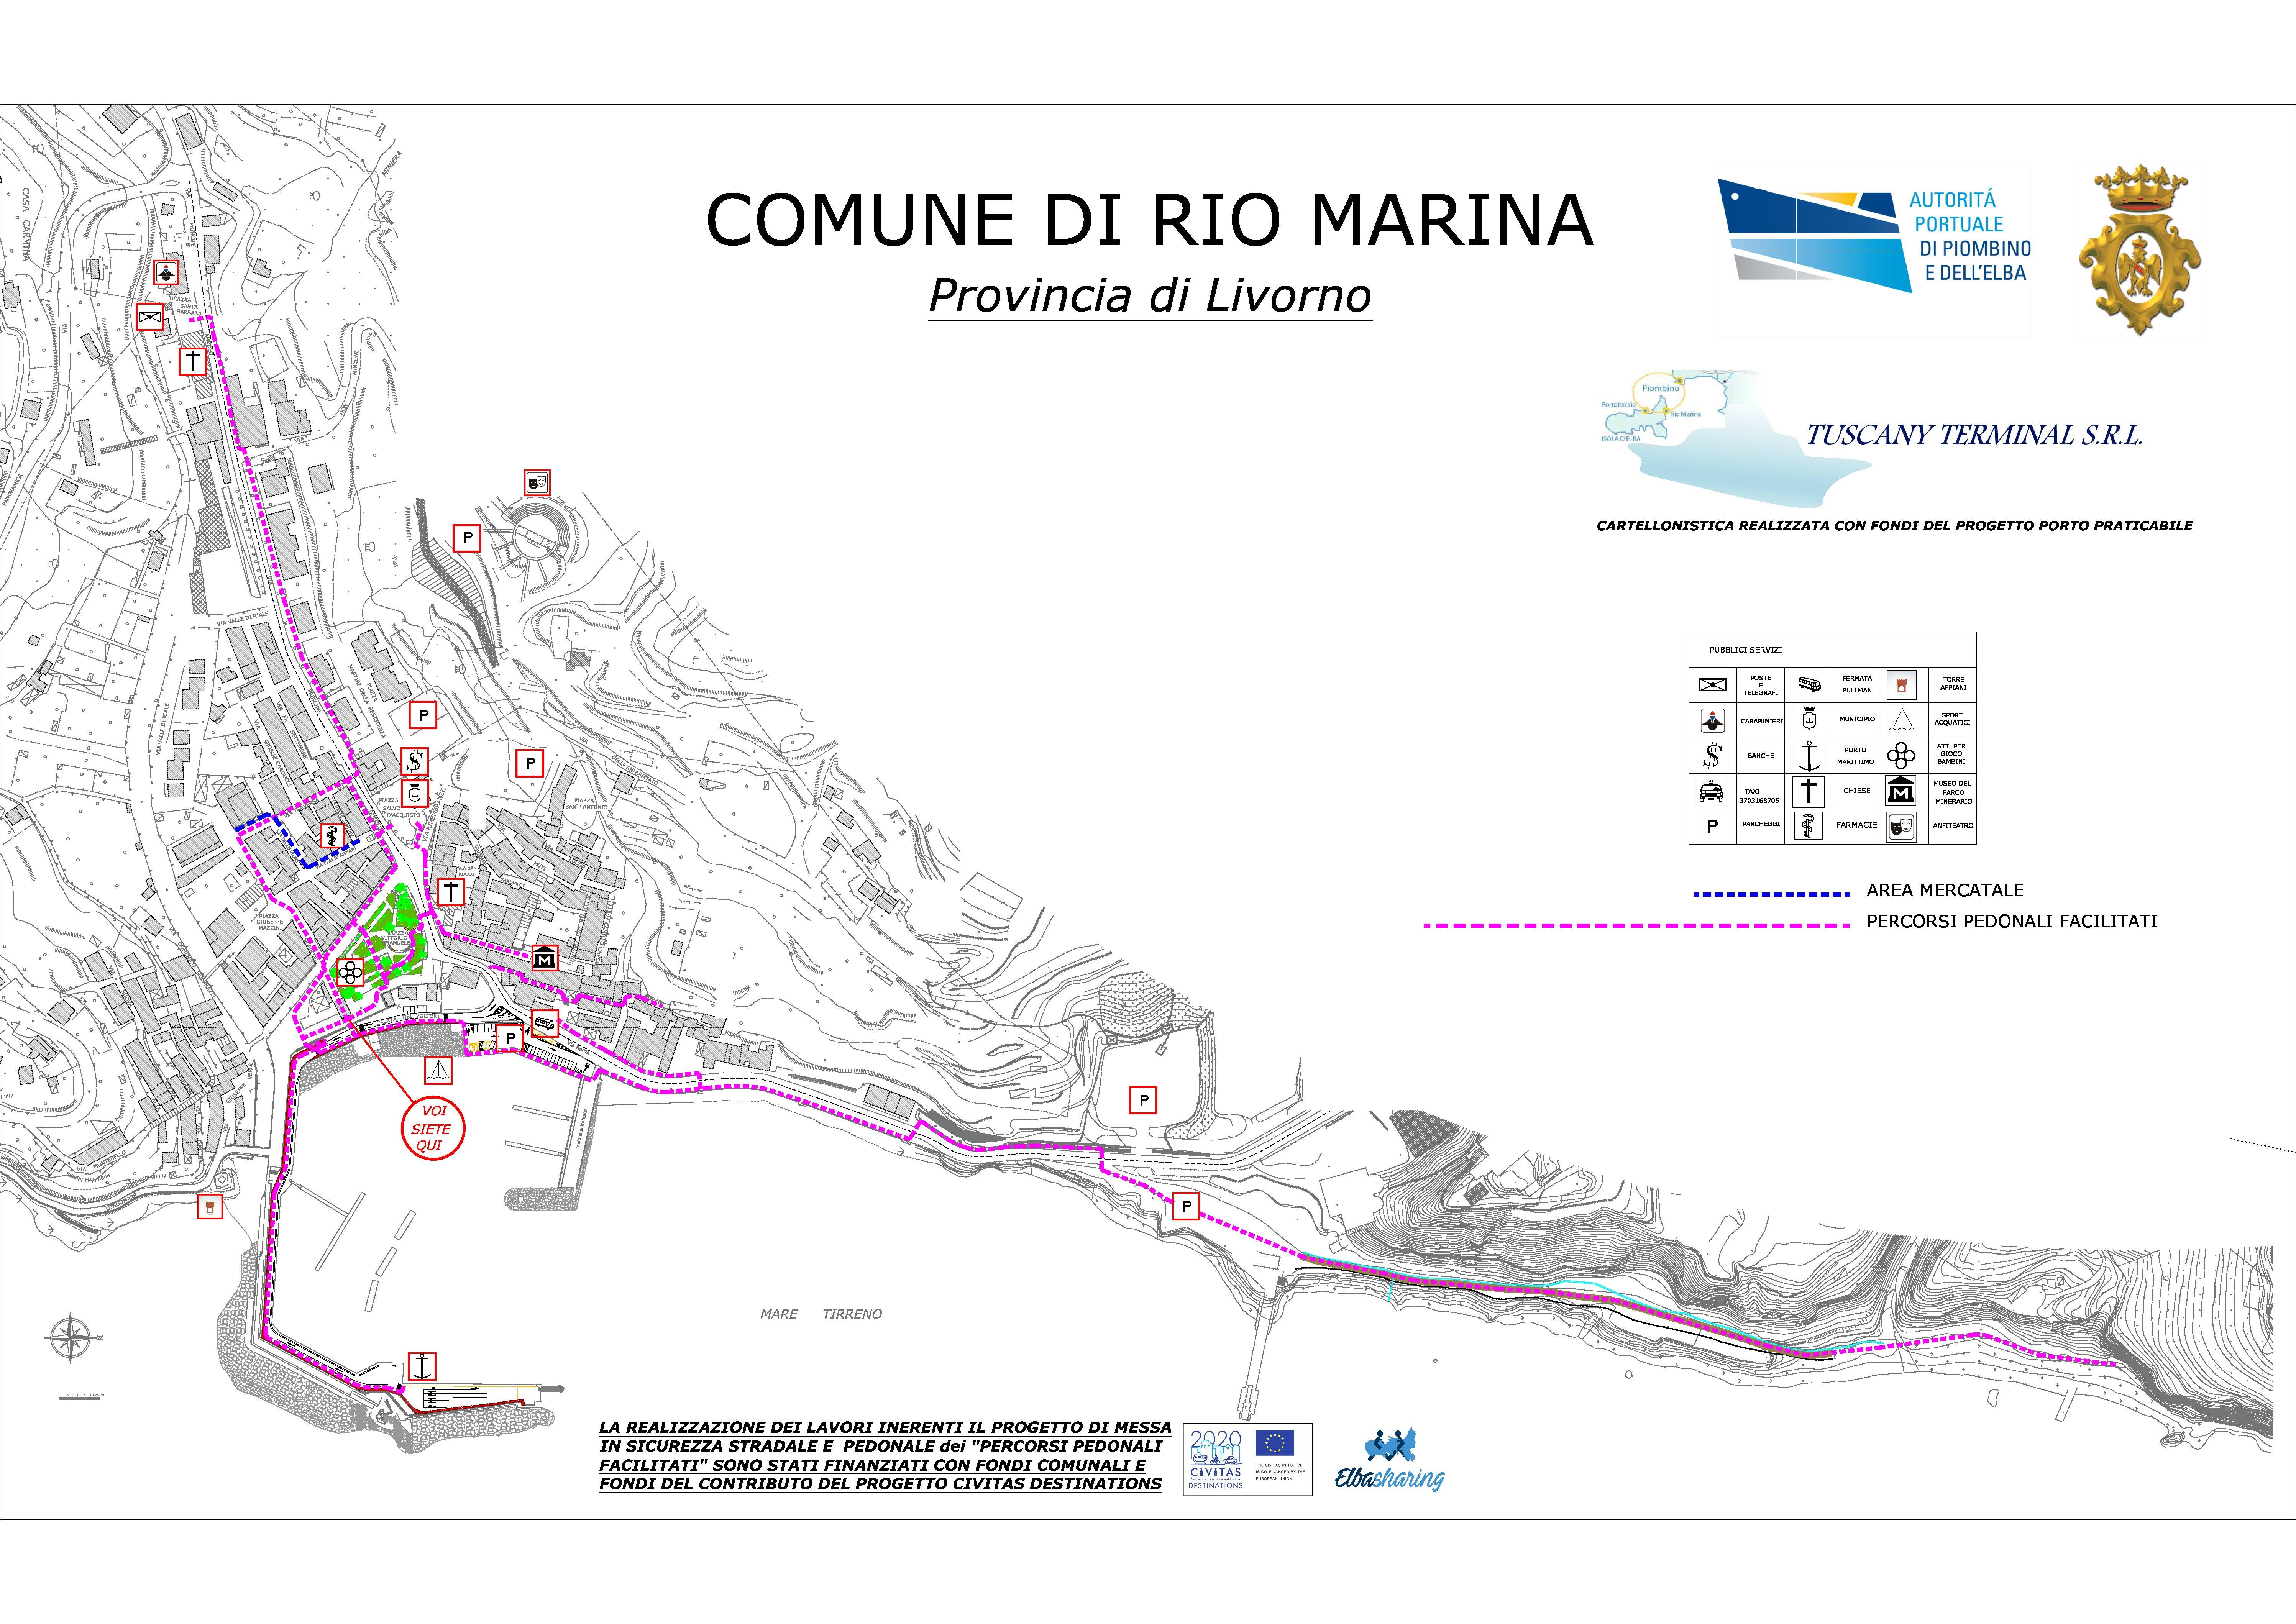 Sicurezza stradale e accessibilità: i progetti e i lavori realizzati a Rio Marina